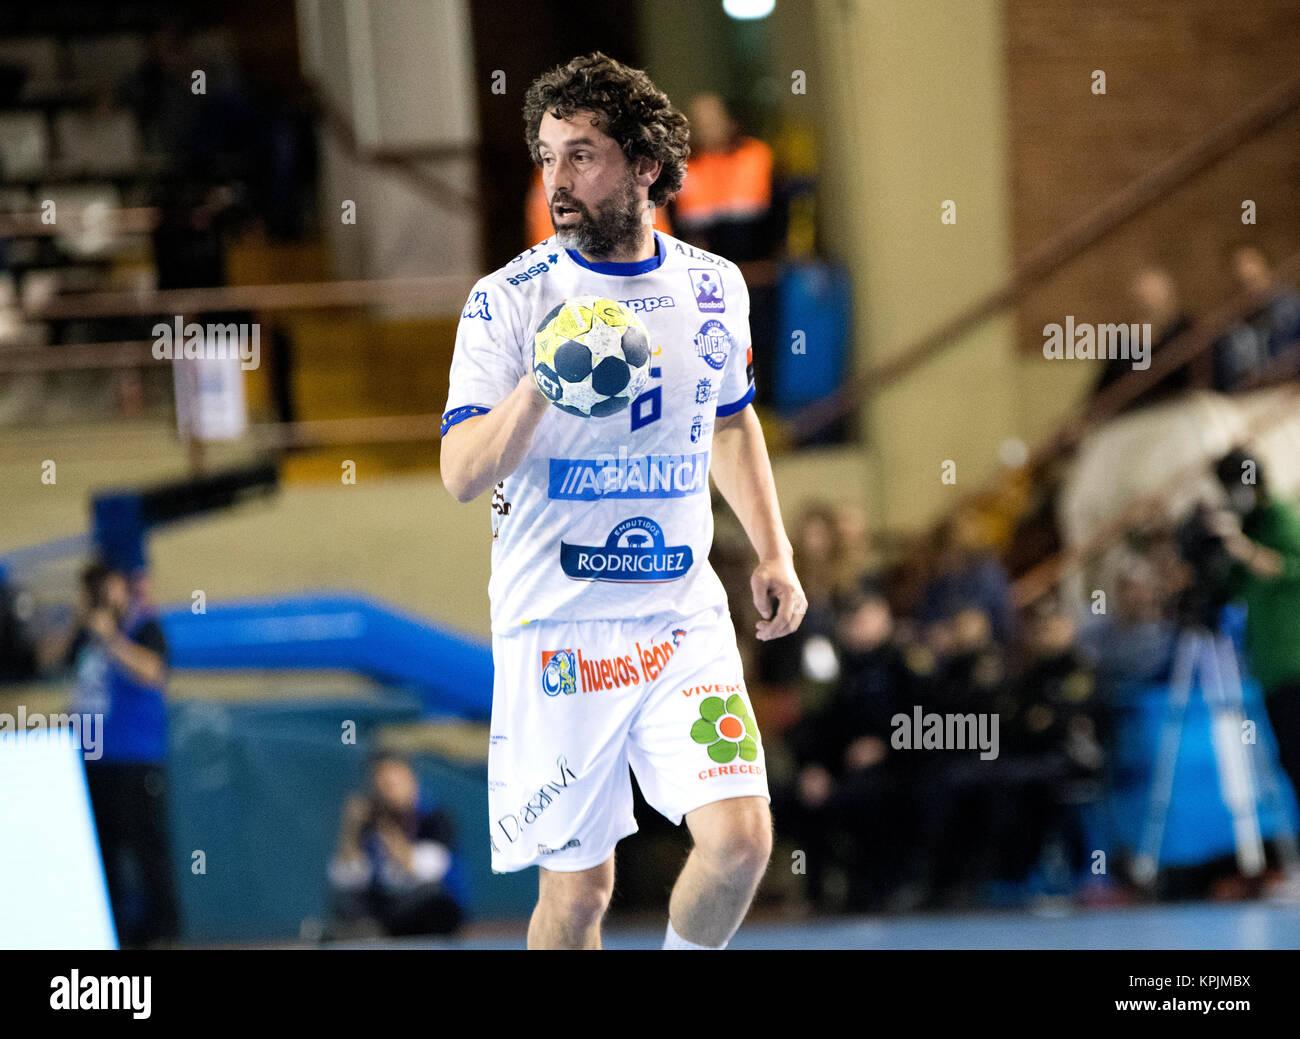 Leon, Espagne. Déc 16, 2017. Juanin Garcia (Ademar Leon) en action pendant la match de hand d'espagnol Photo Stock